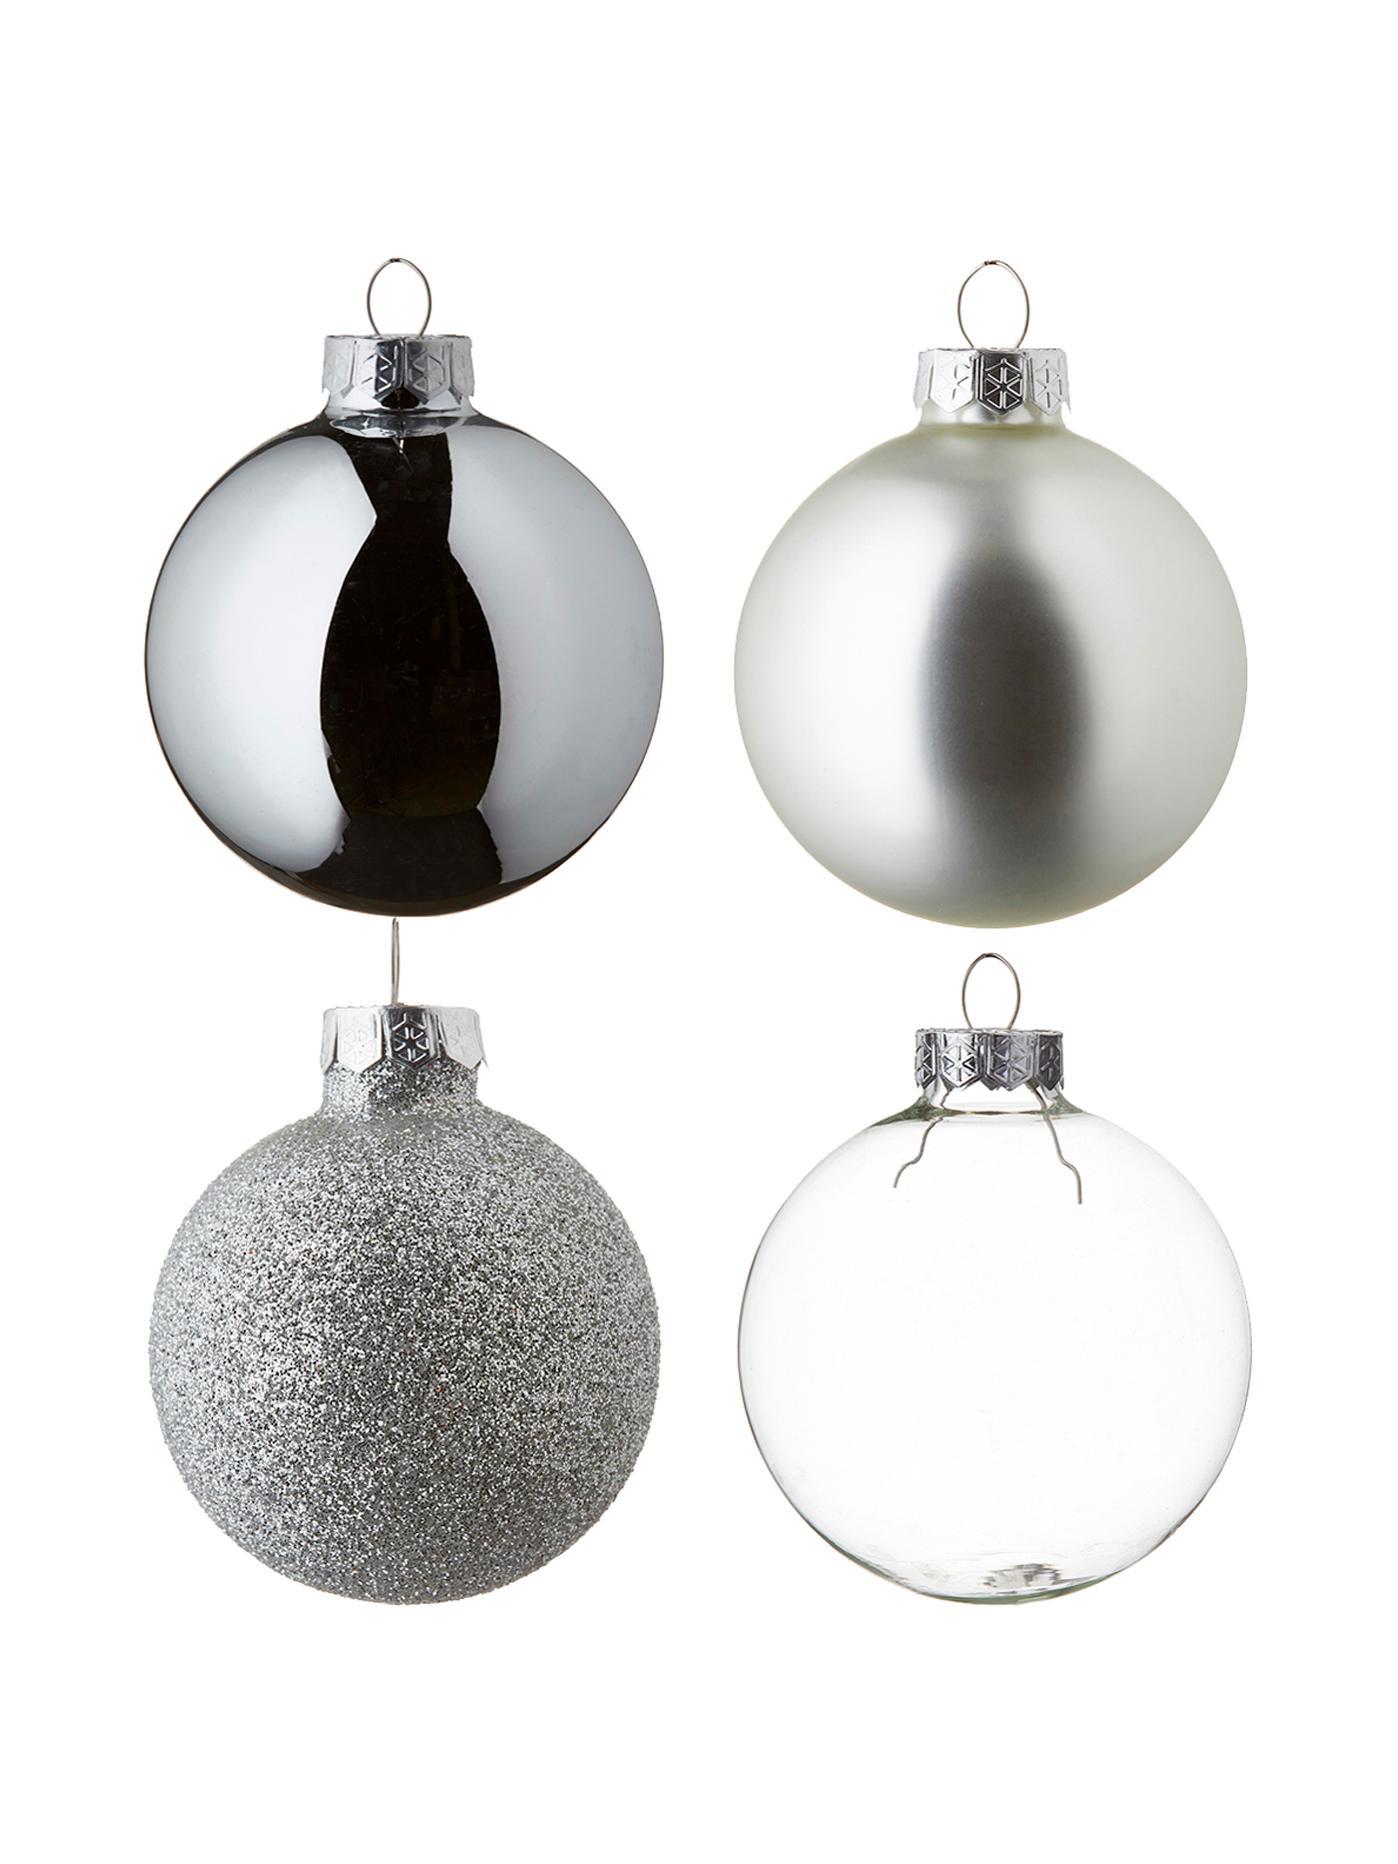 Weihnachtskugel-Set Globe, 42-tlg., Glas, Silber, Transparent, Verschiedene Grössen